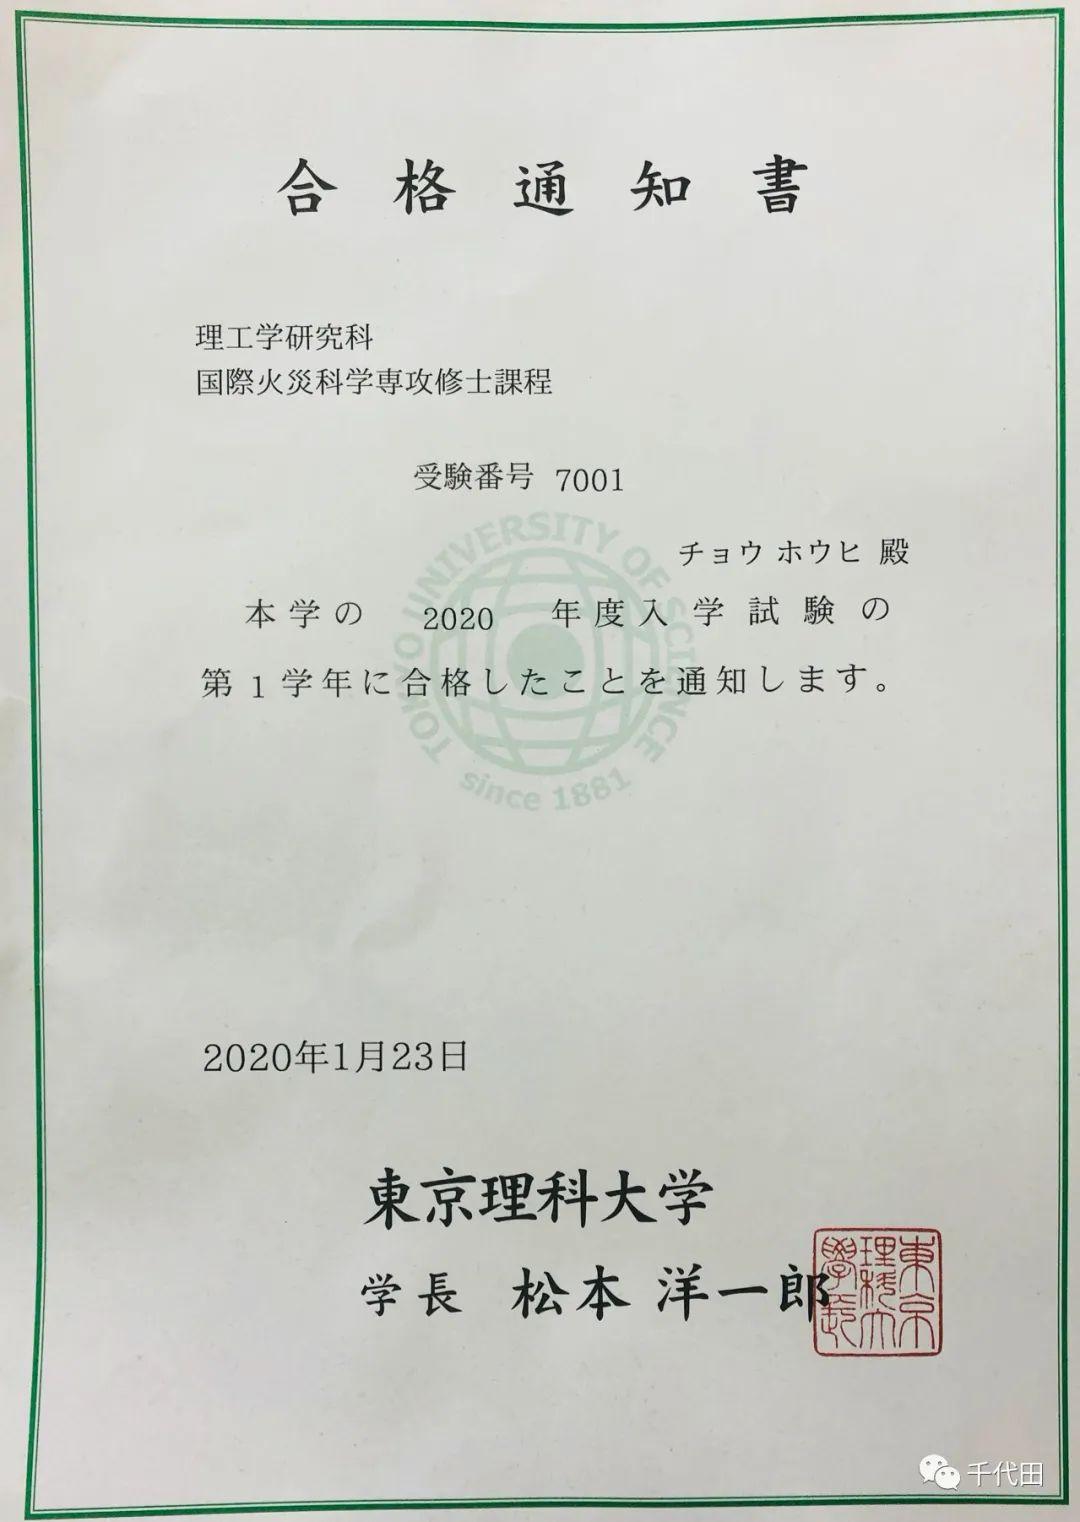 合格经验谈|日本大学&东京理科大学双合格